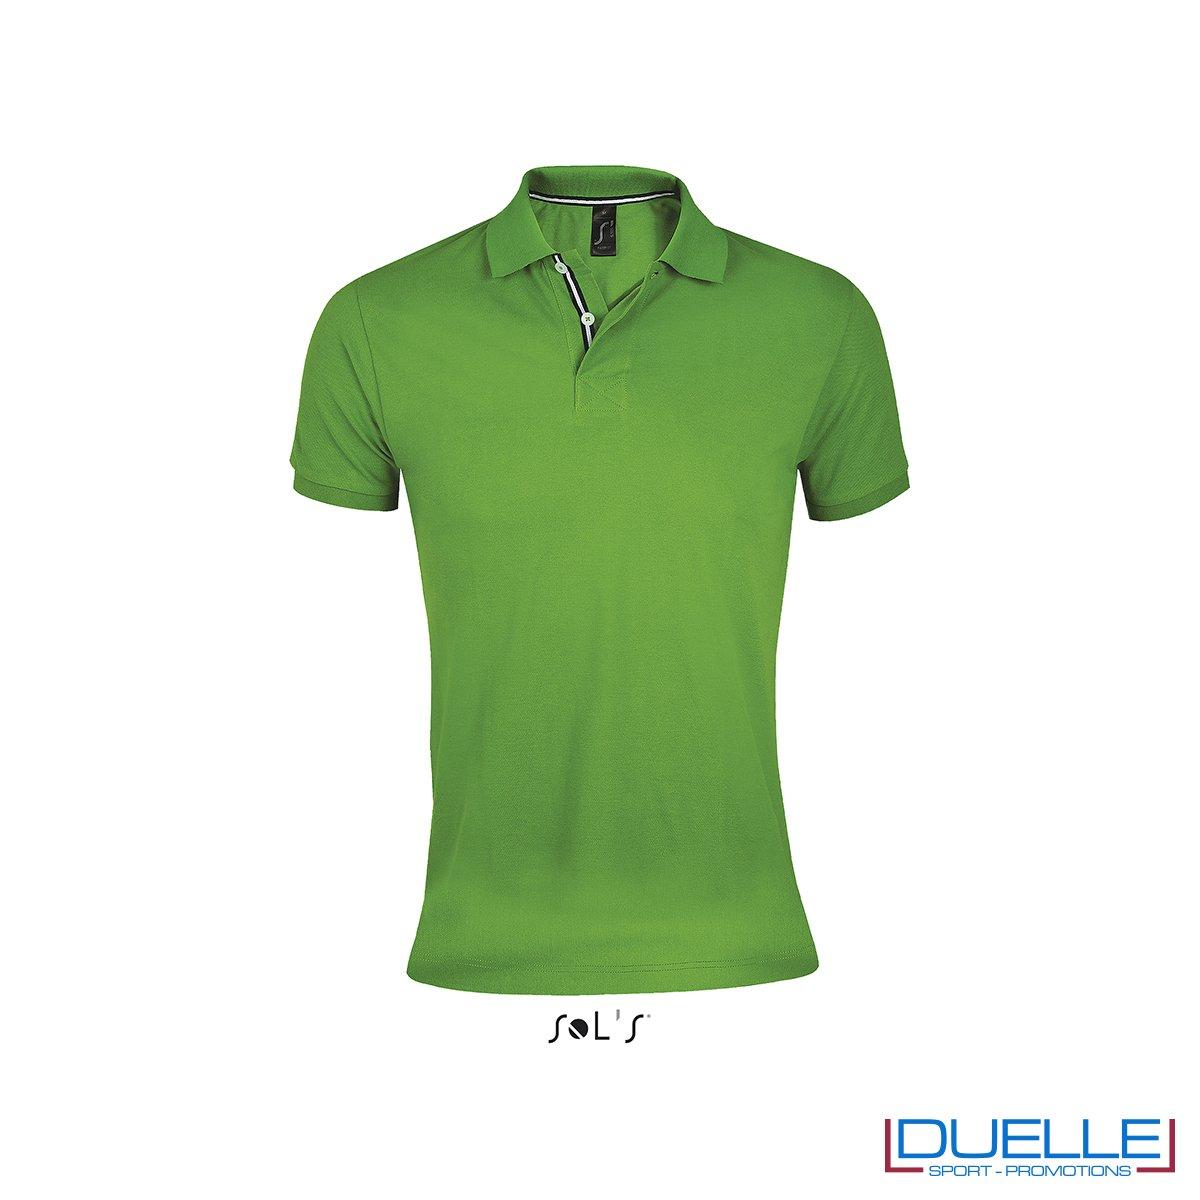 polo personalizzata verde con colletto a contrasto, polo personalizzate